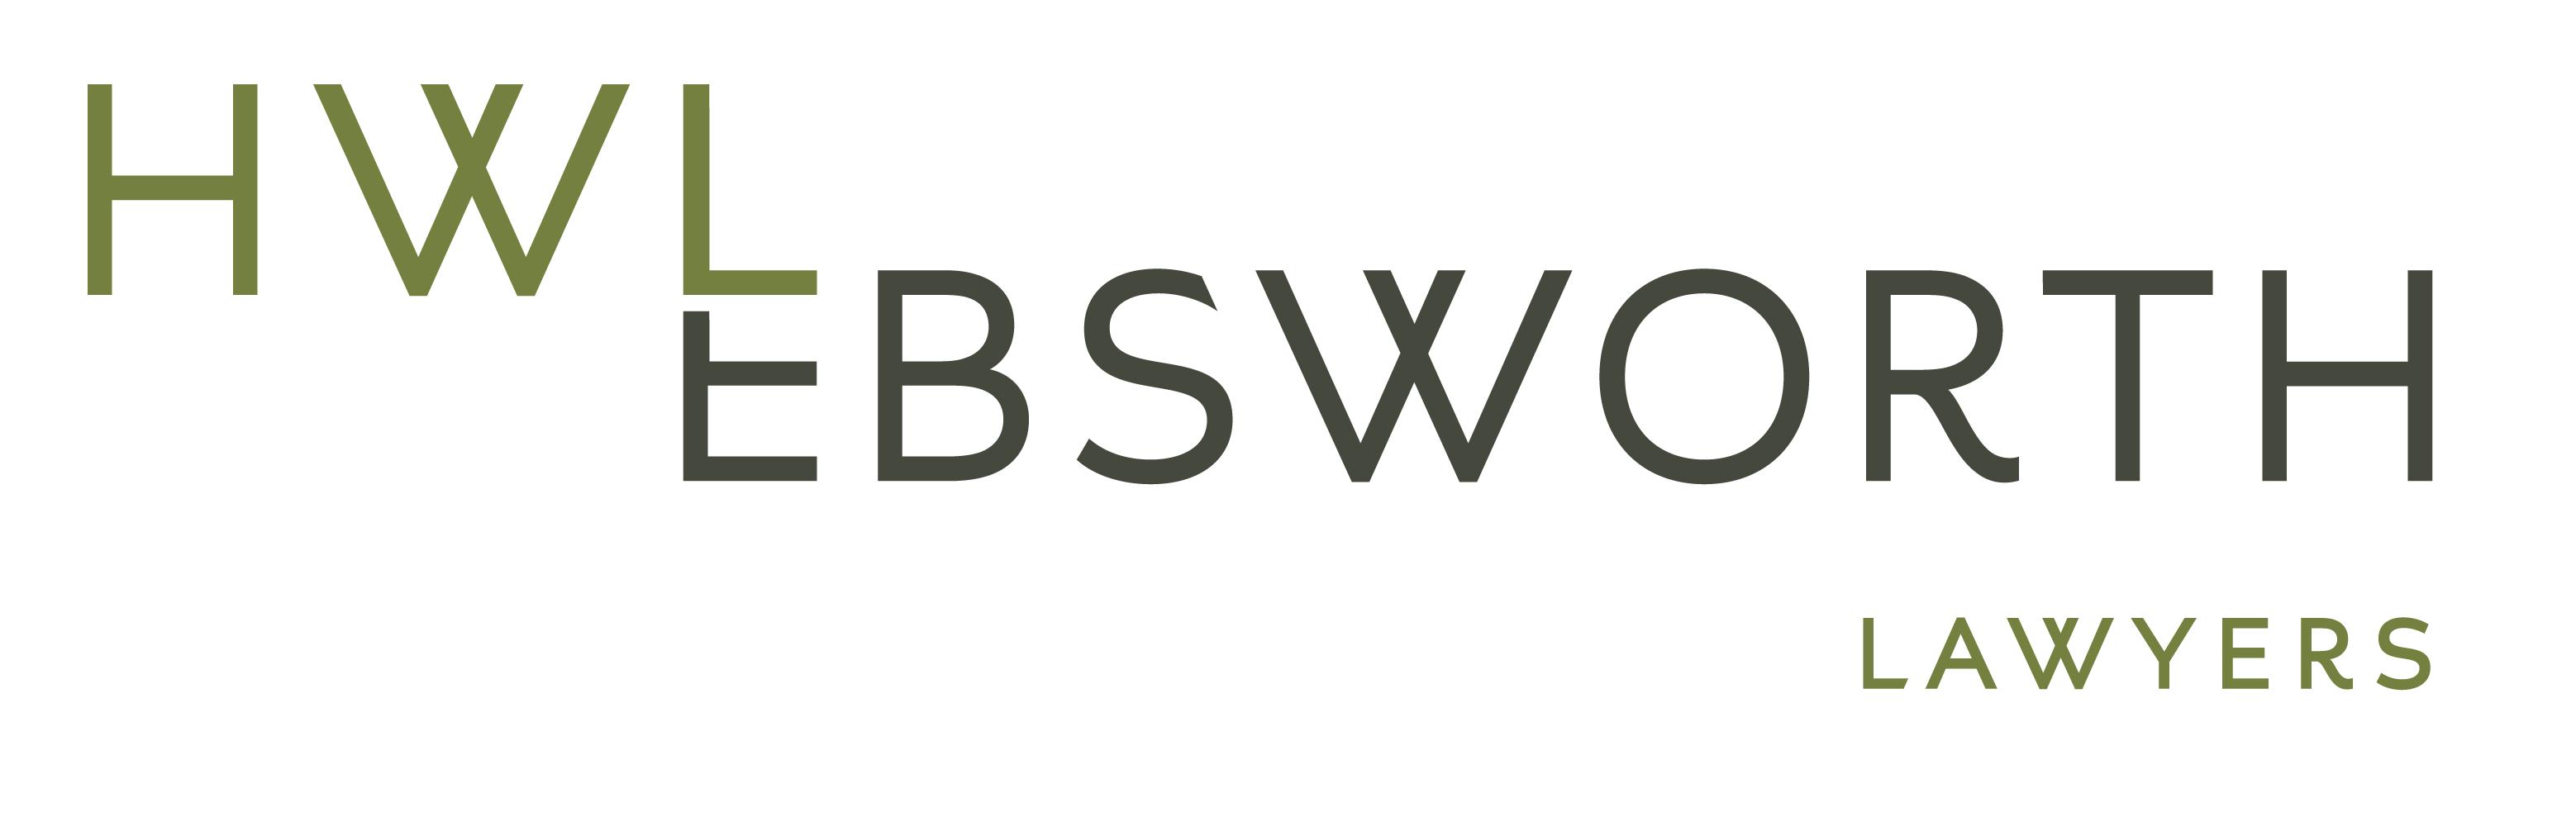 hwle-logo-high-res22.jpg